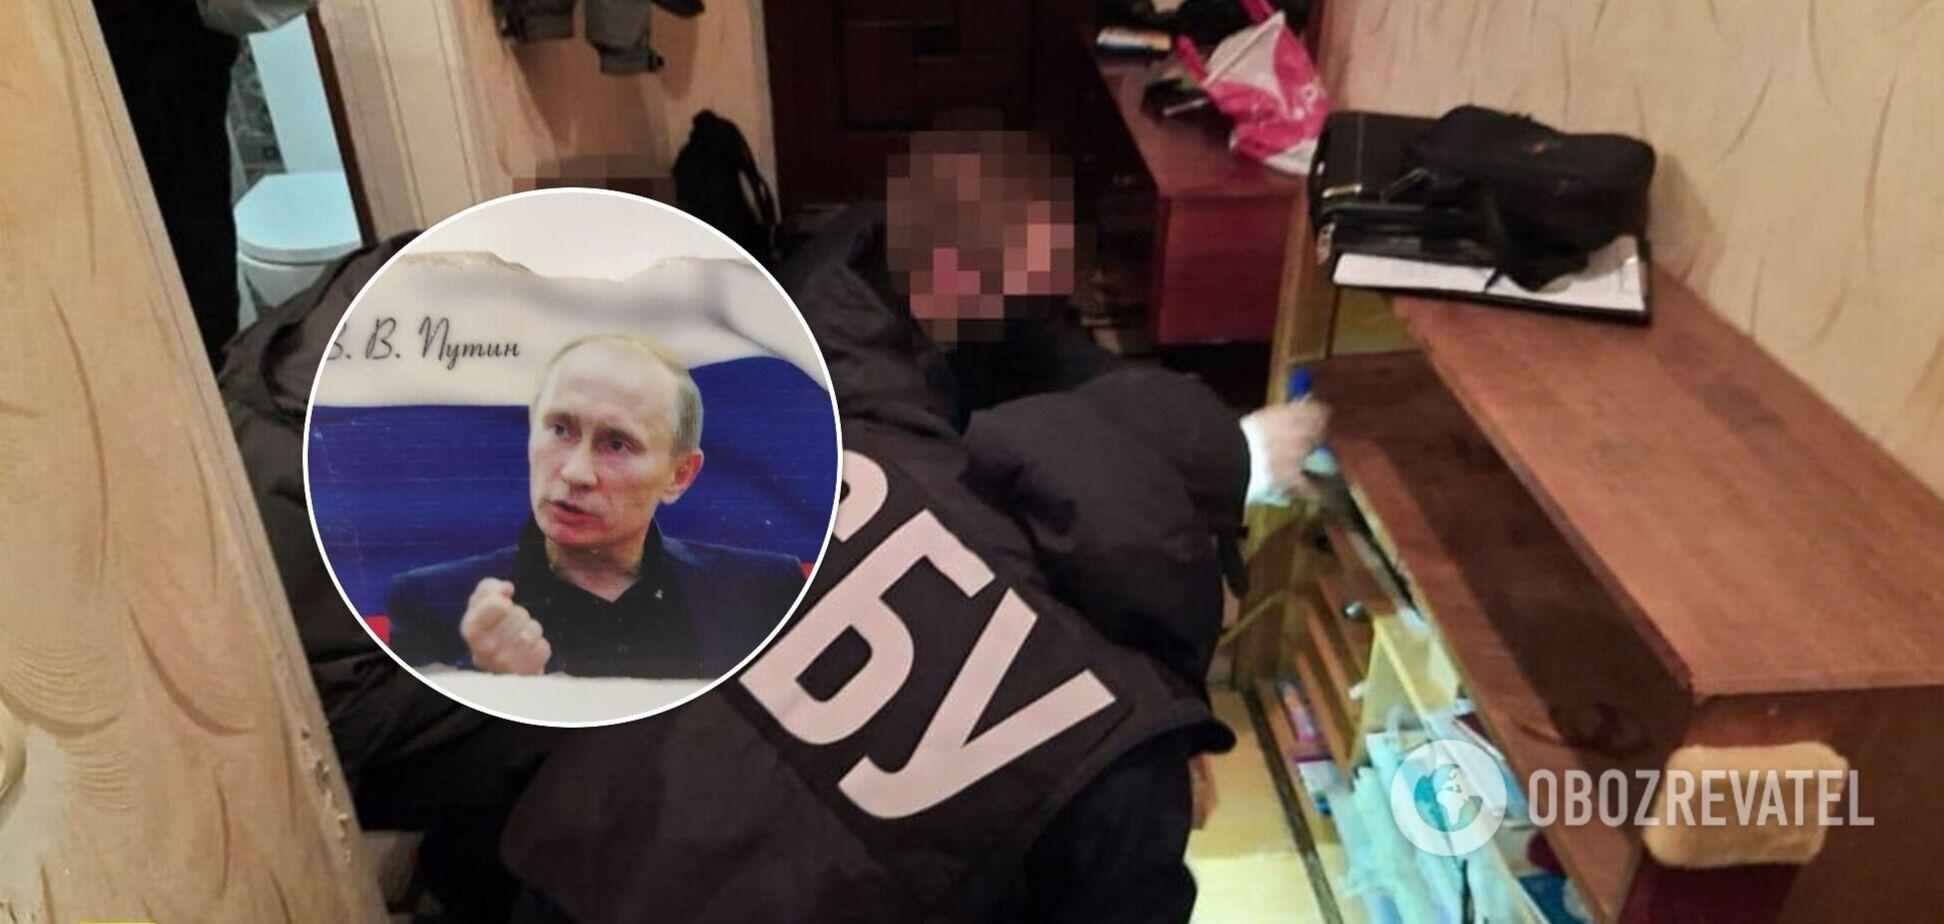 На Закарпатье по заказу РФ распространяли антивенгерские листовки: злоумышленников задержала СБУ. Фото